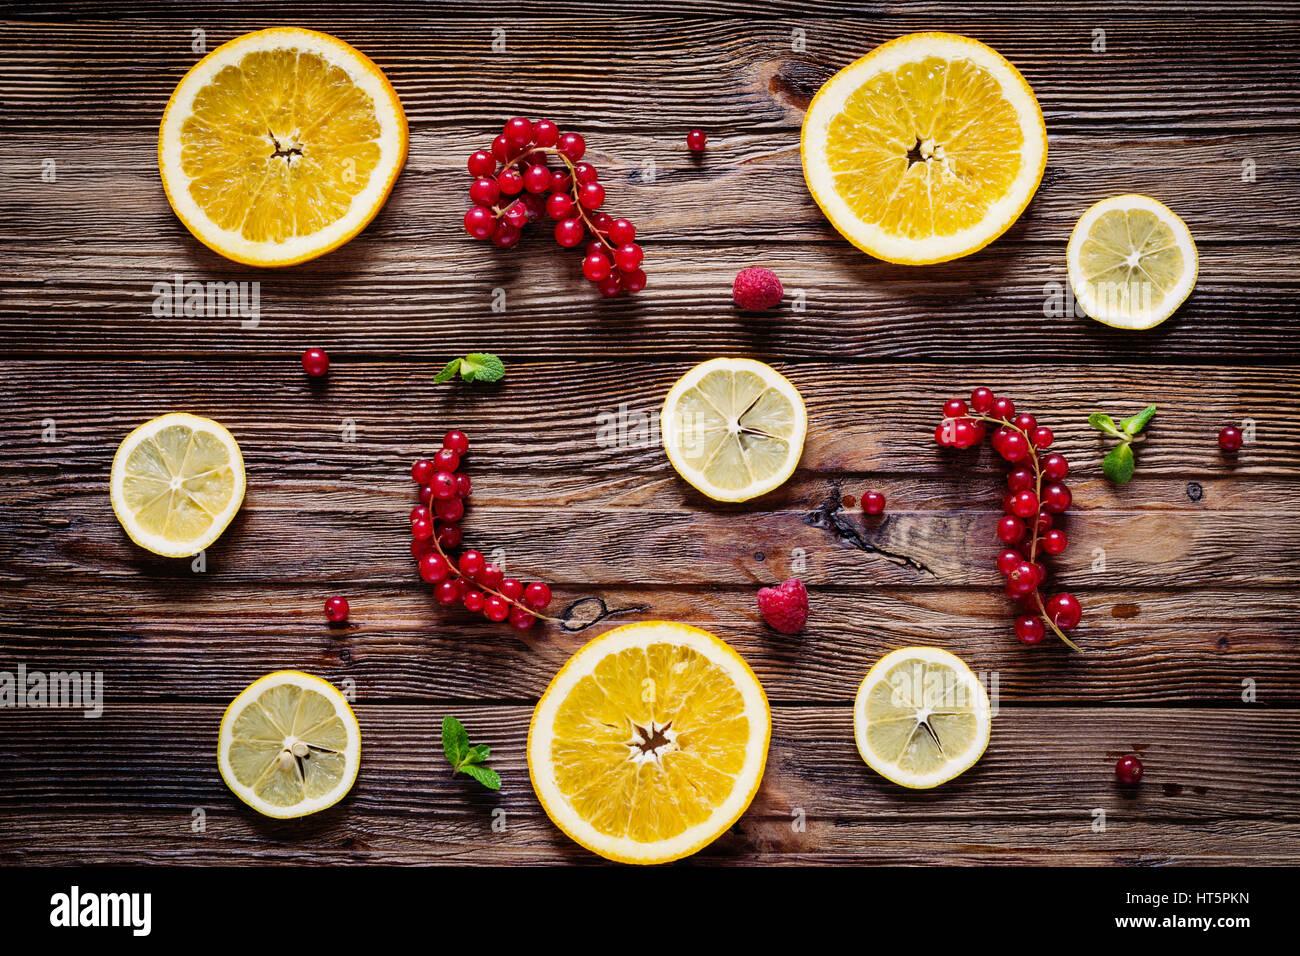 Anneaux de citron et d'orange, de groseille rouge, de framboises et de feuilles de menthe sur fond de bois. Photo Stock